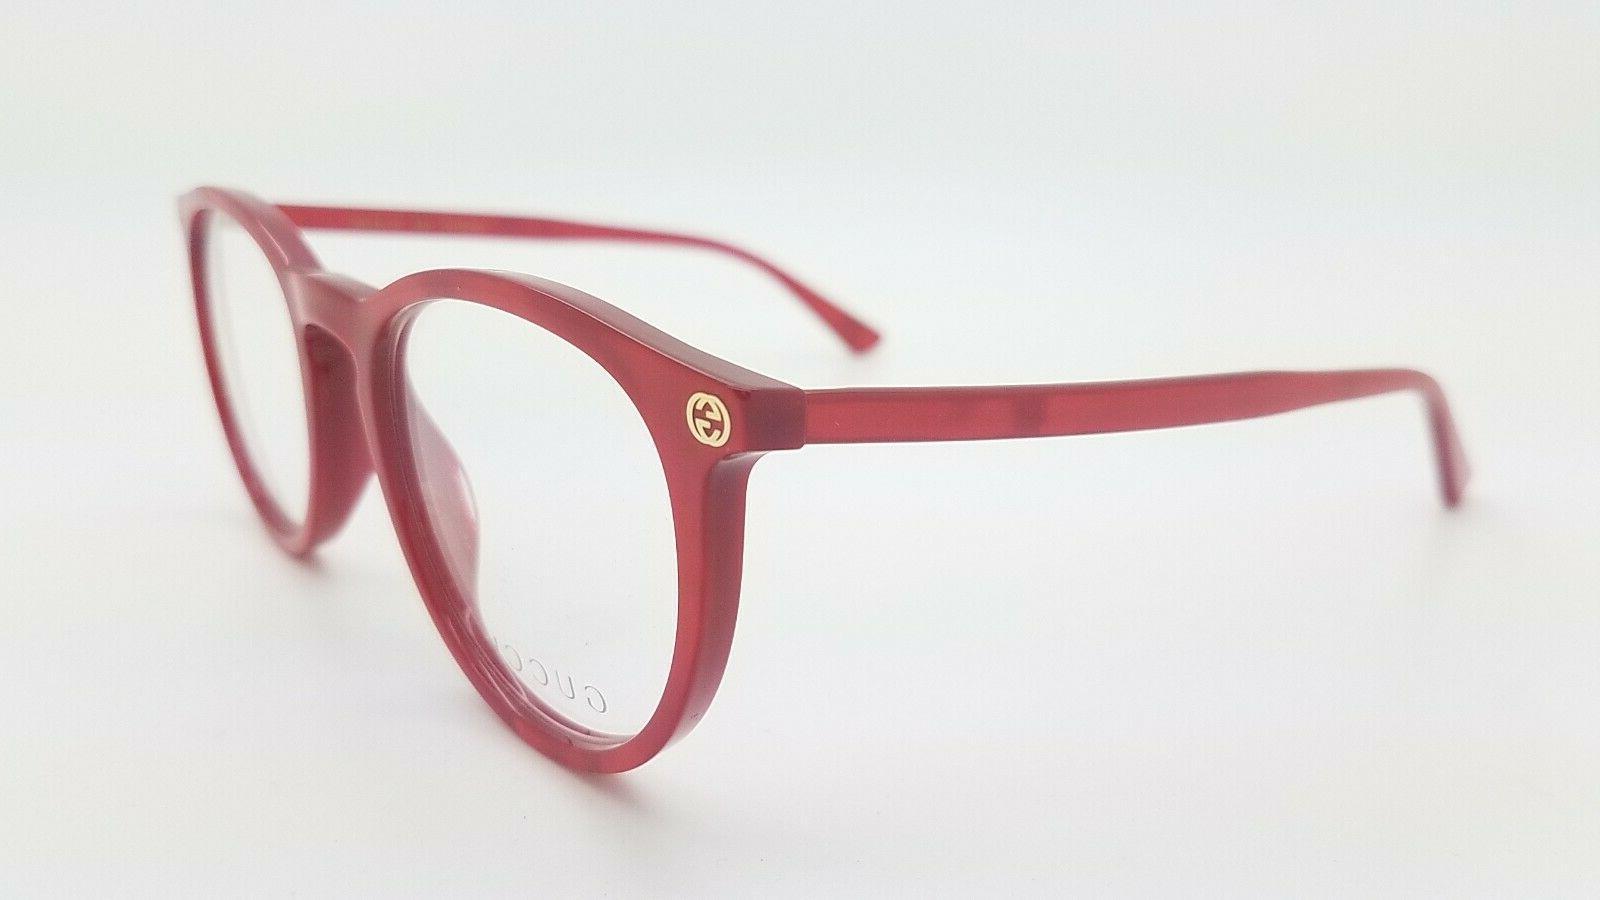 NEW Frame Glasses Red GG0027O 004 50mm 0027O